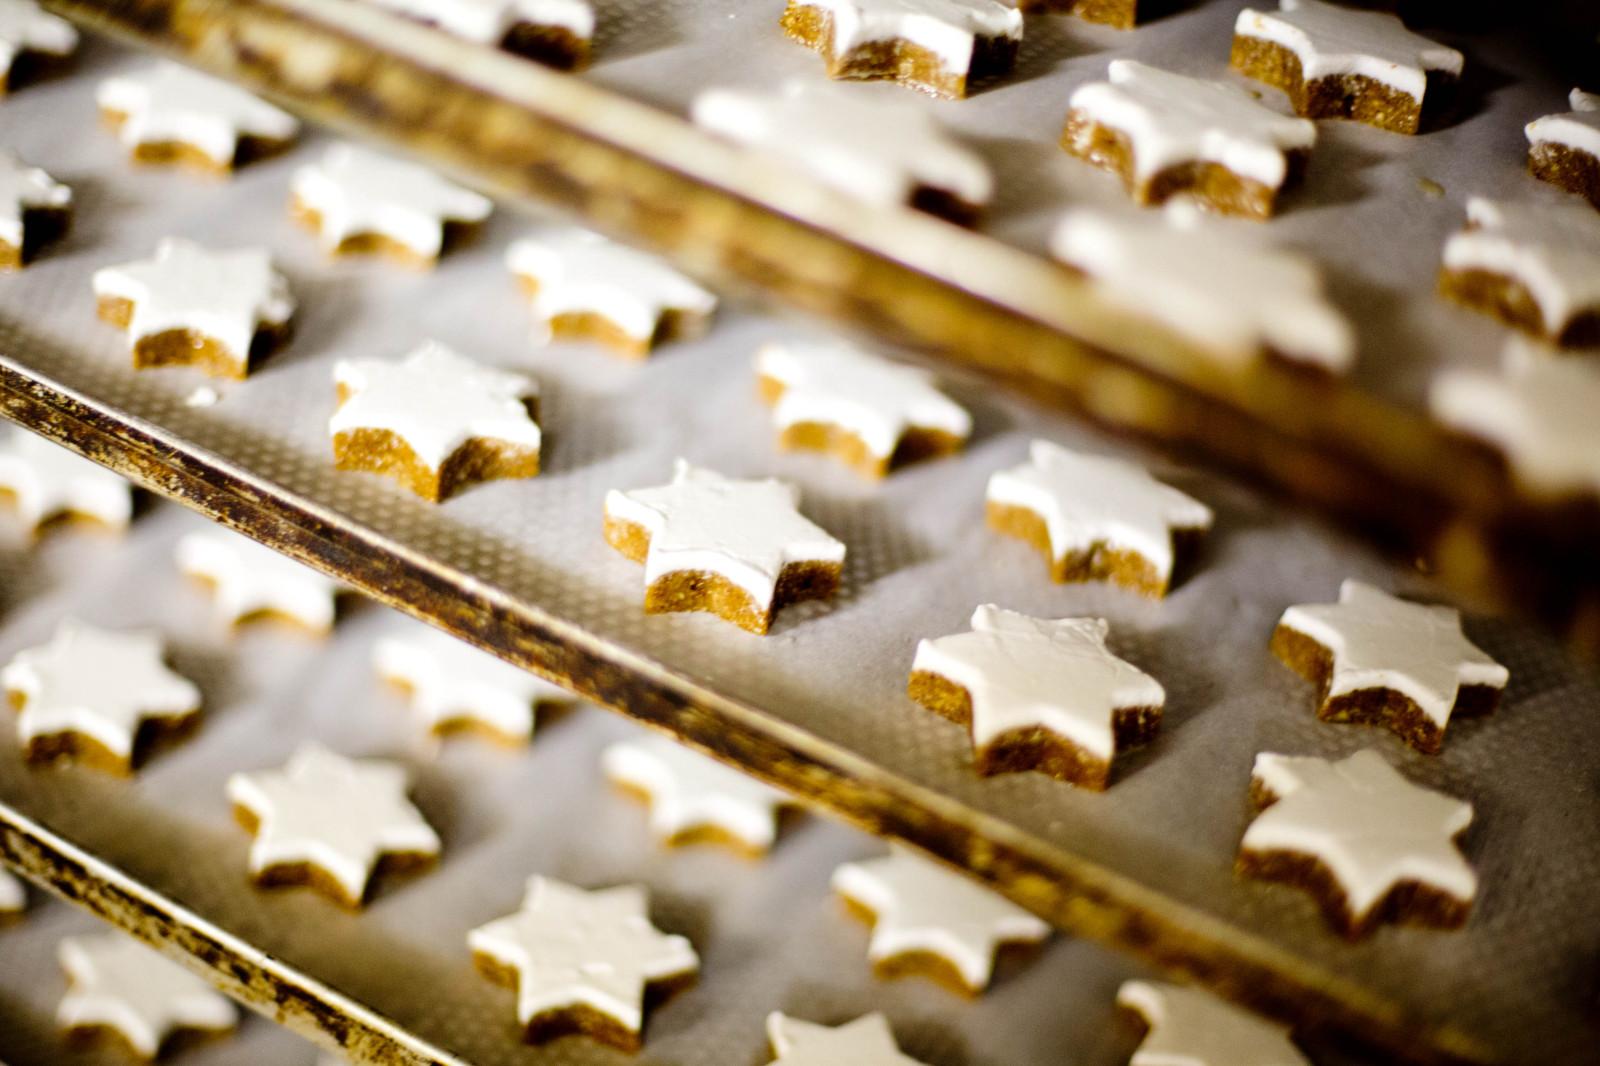 Traditionelle Weihnachtskekse österreich.Weihnachtskulinarik Im Salzburgerland Traditionelle Advent Rezepte